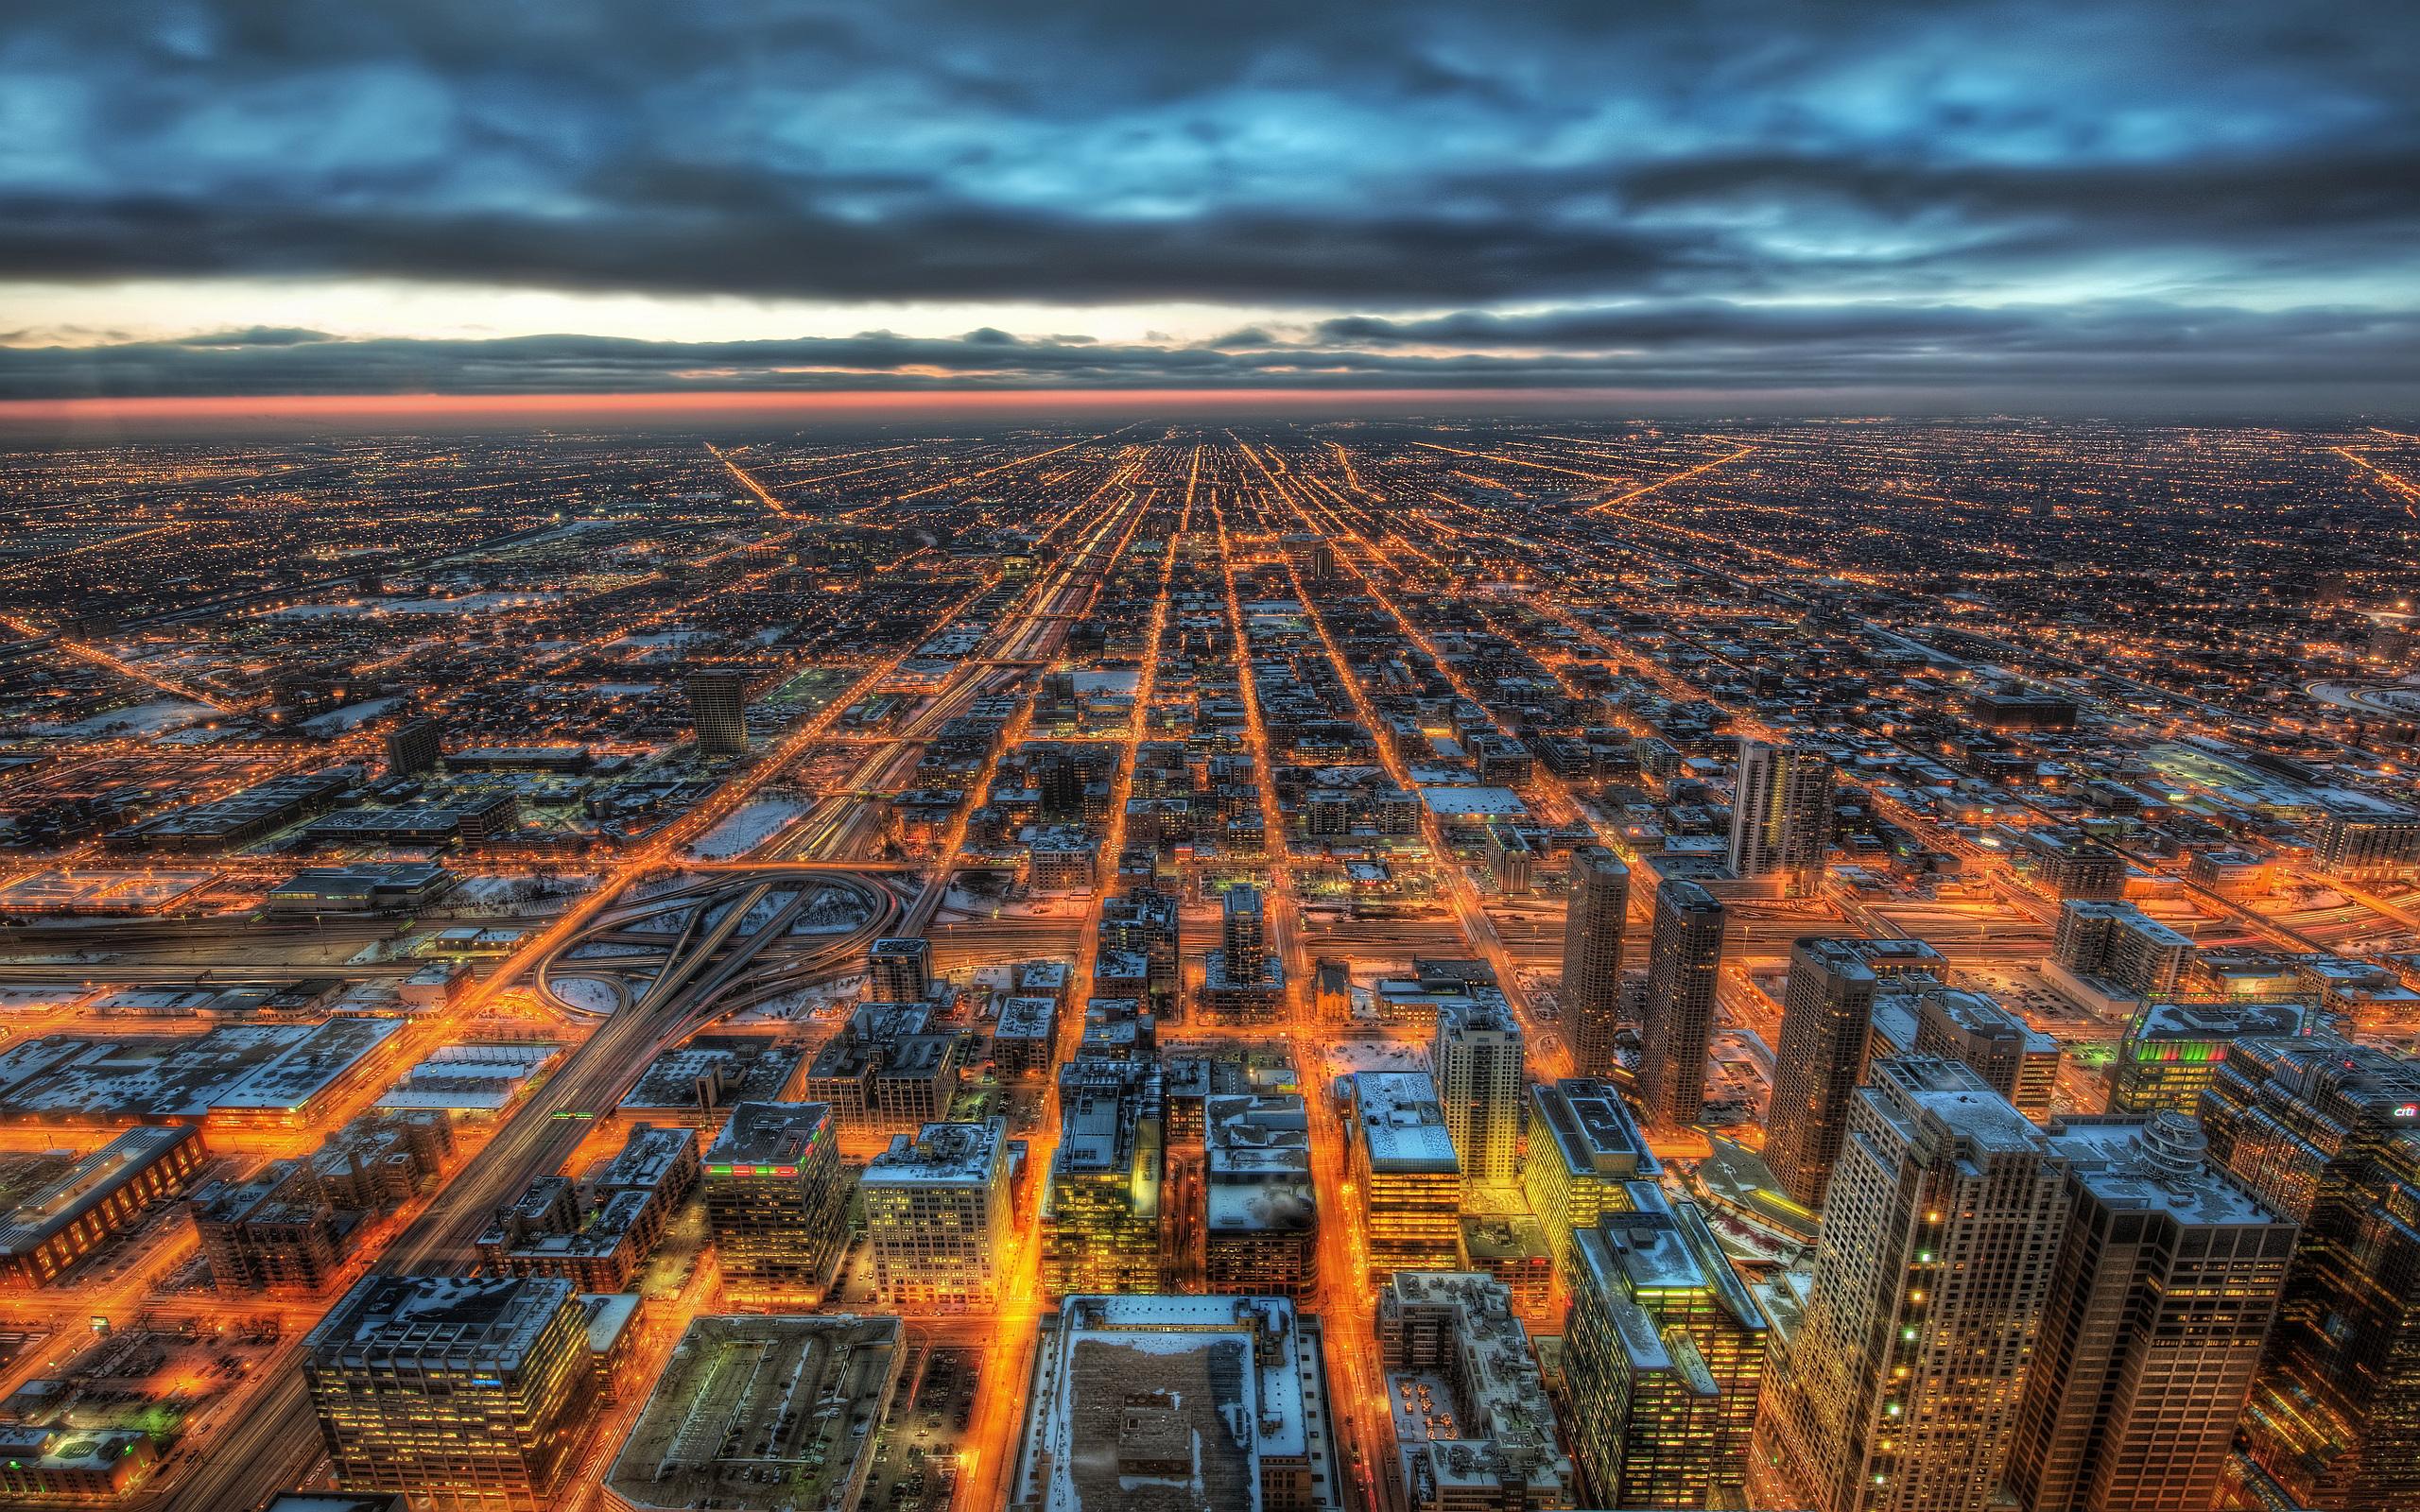 Shining chicago